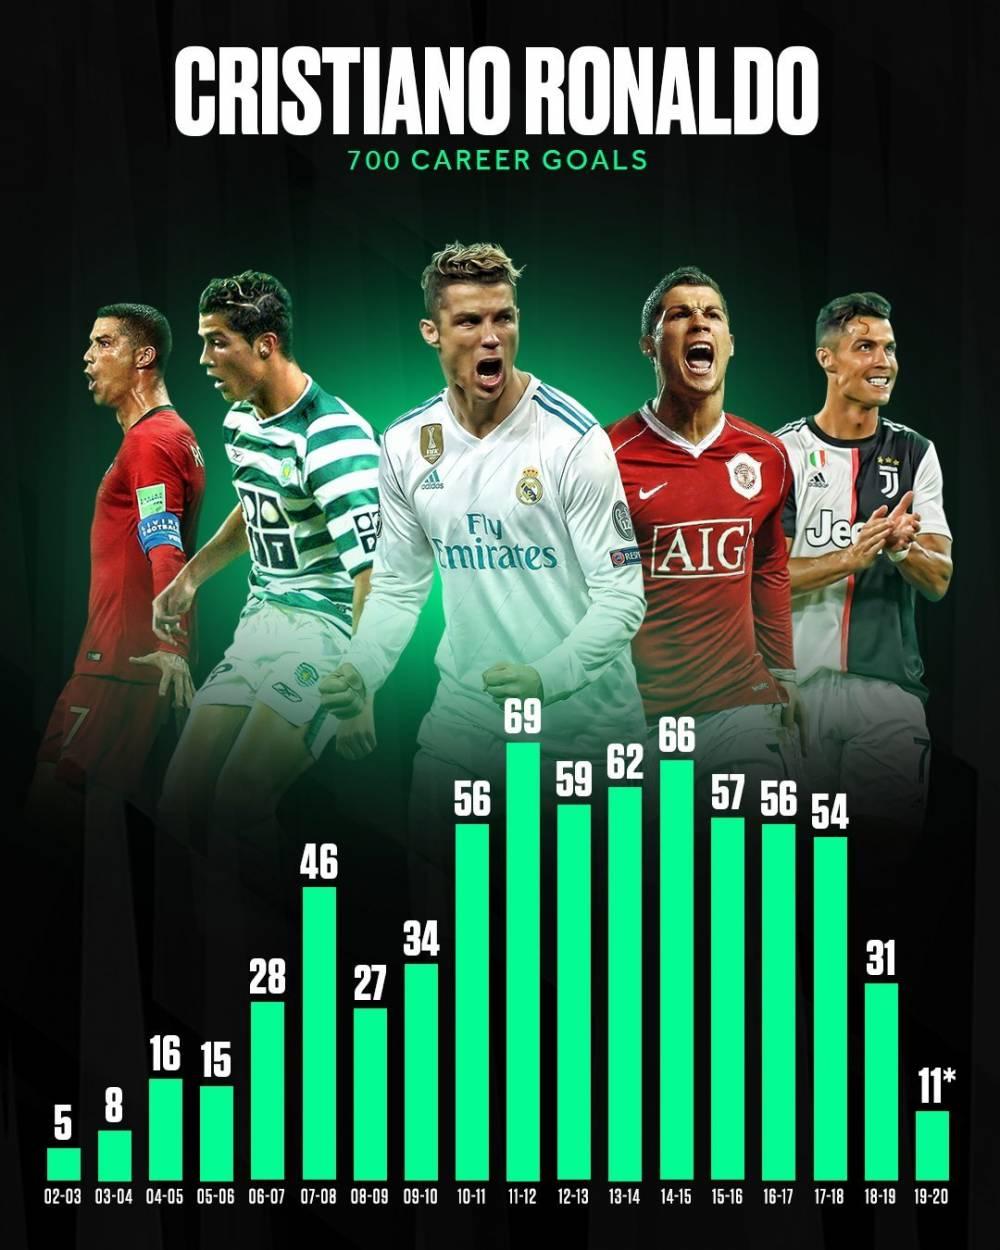 C罗各赛季进球数:11-12赛季69球最多 连续8个赛季破50